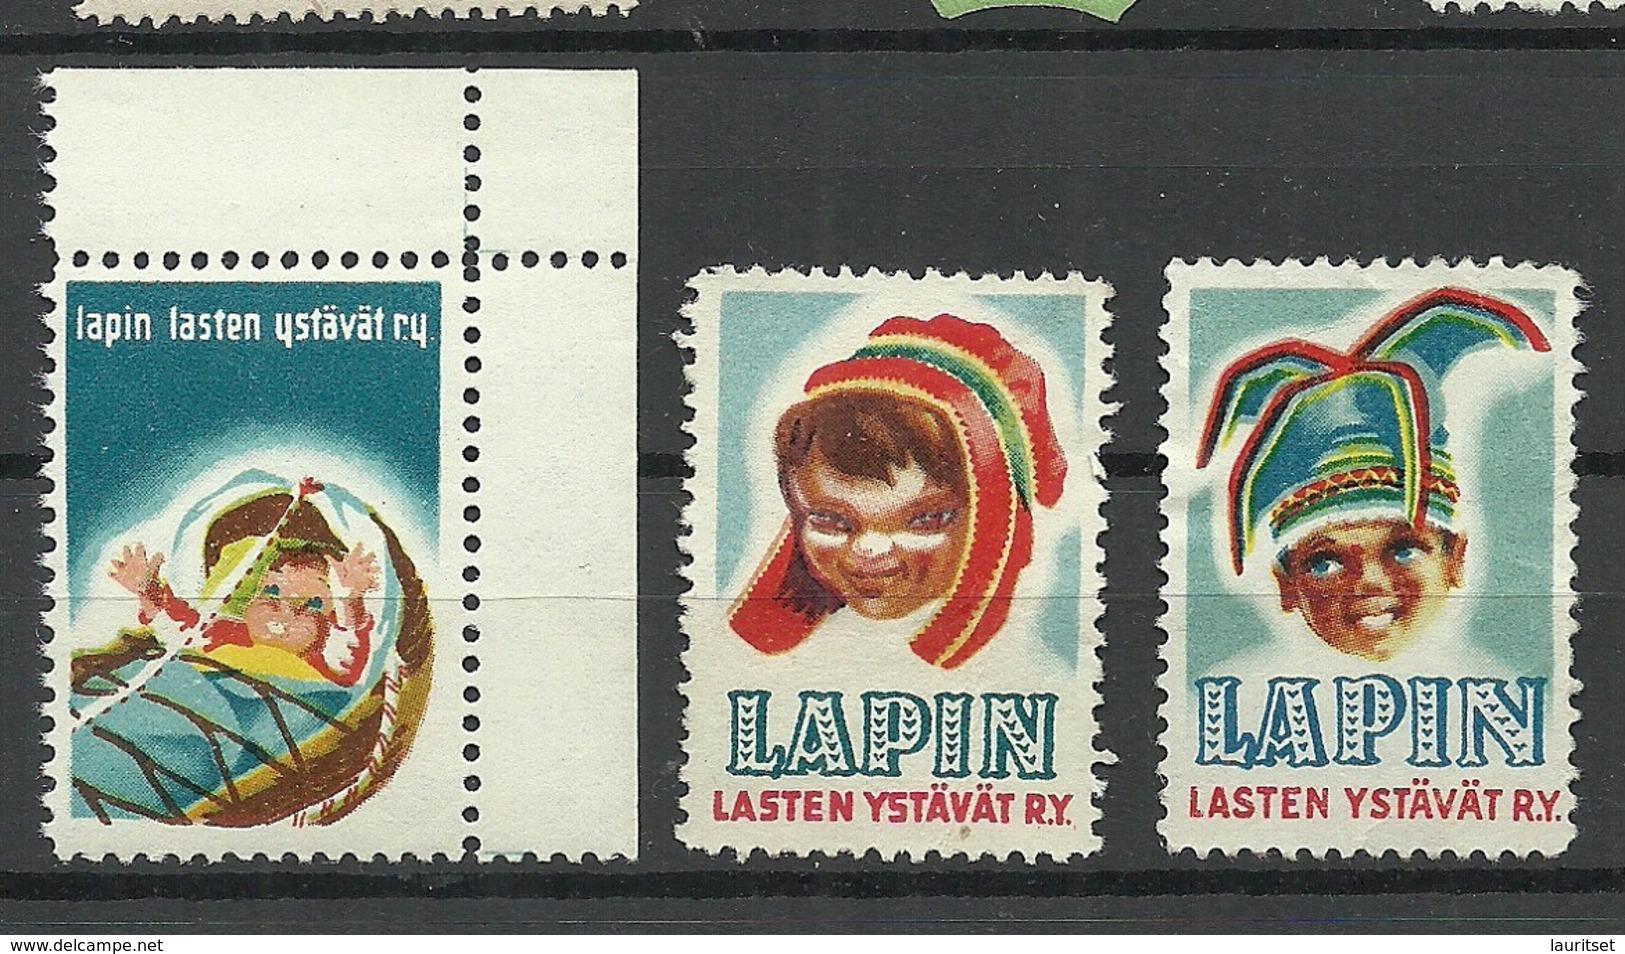 FINLAND FINNLAND 3 Vignetten Sami Lapland For Lappish Children Charity Poster Stamps - Cinderellas